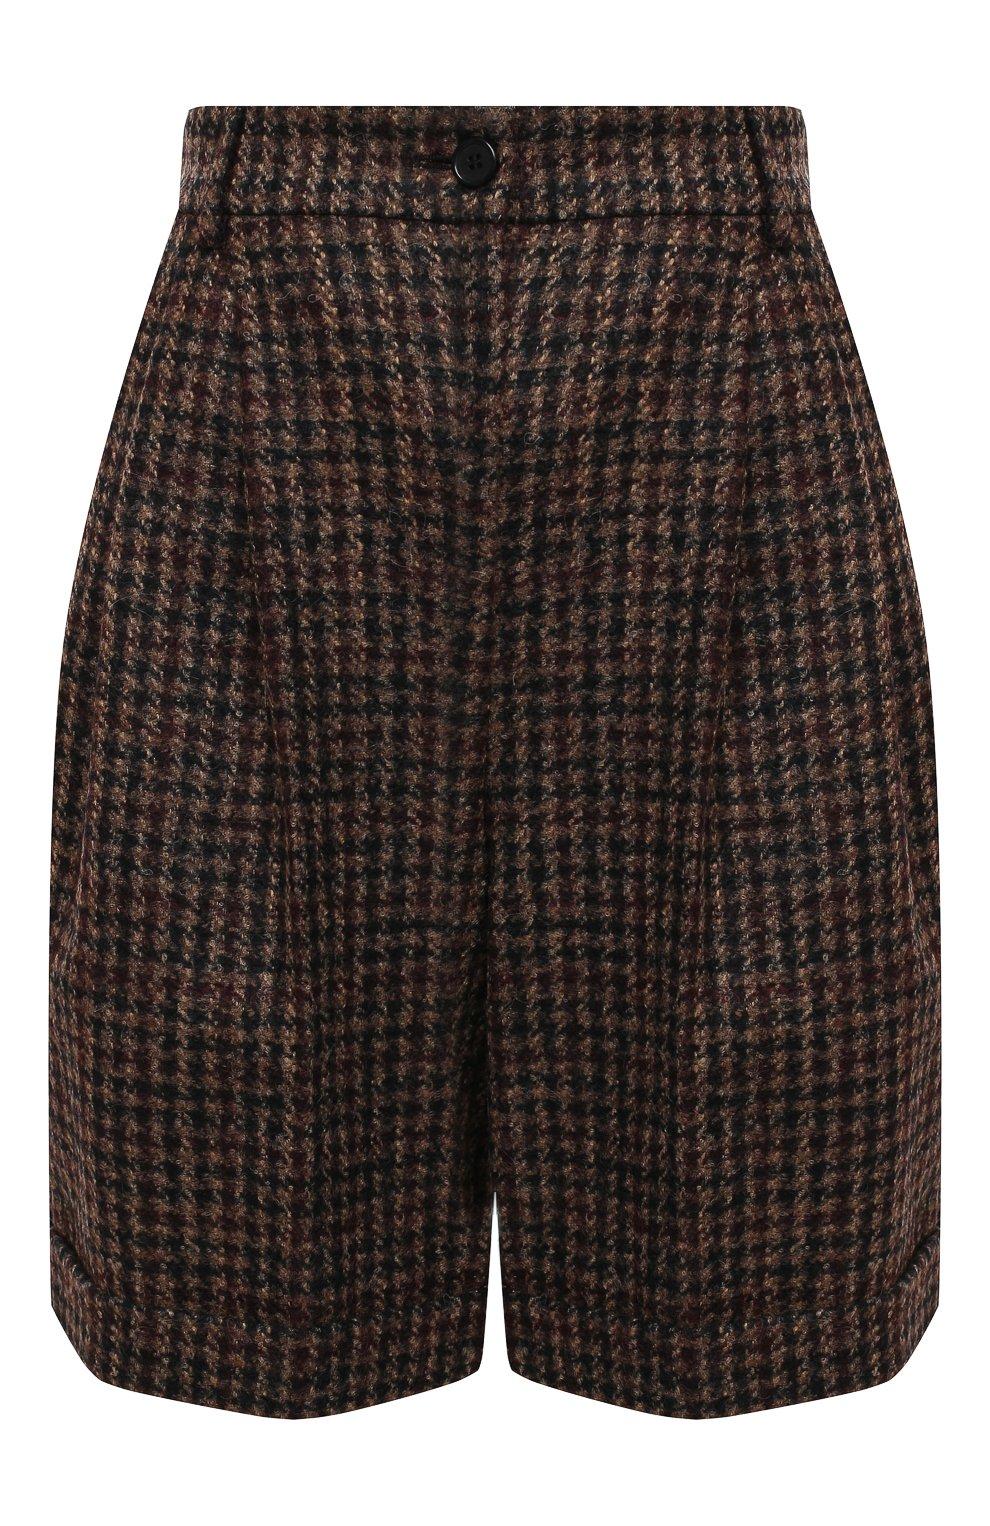 Женские шерстяные шорты DOLCE & GABBANA коричневого цвета, арт. FTBX0T/FQMH3 | Фото 1 (Женское Кросс-КТ: Шорты-одежда; Материал внешний: Шерсть; Длина Ж (юбки, платья, шорты): Мини)